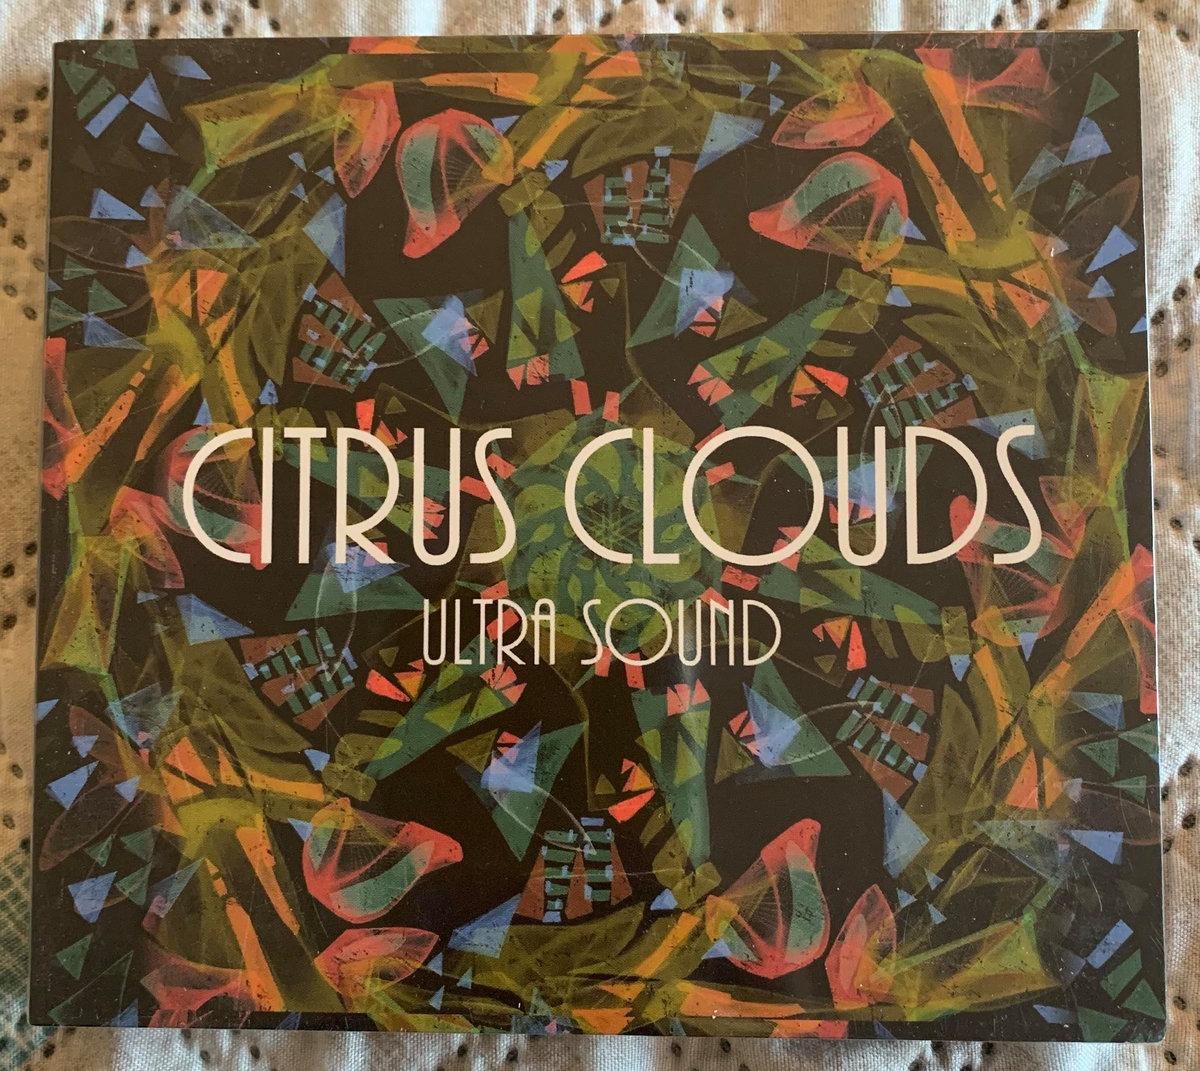 A Dream Of You | Citrus Clouds